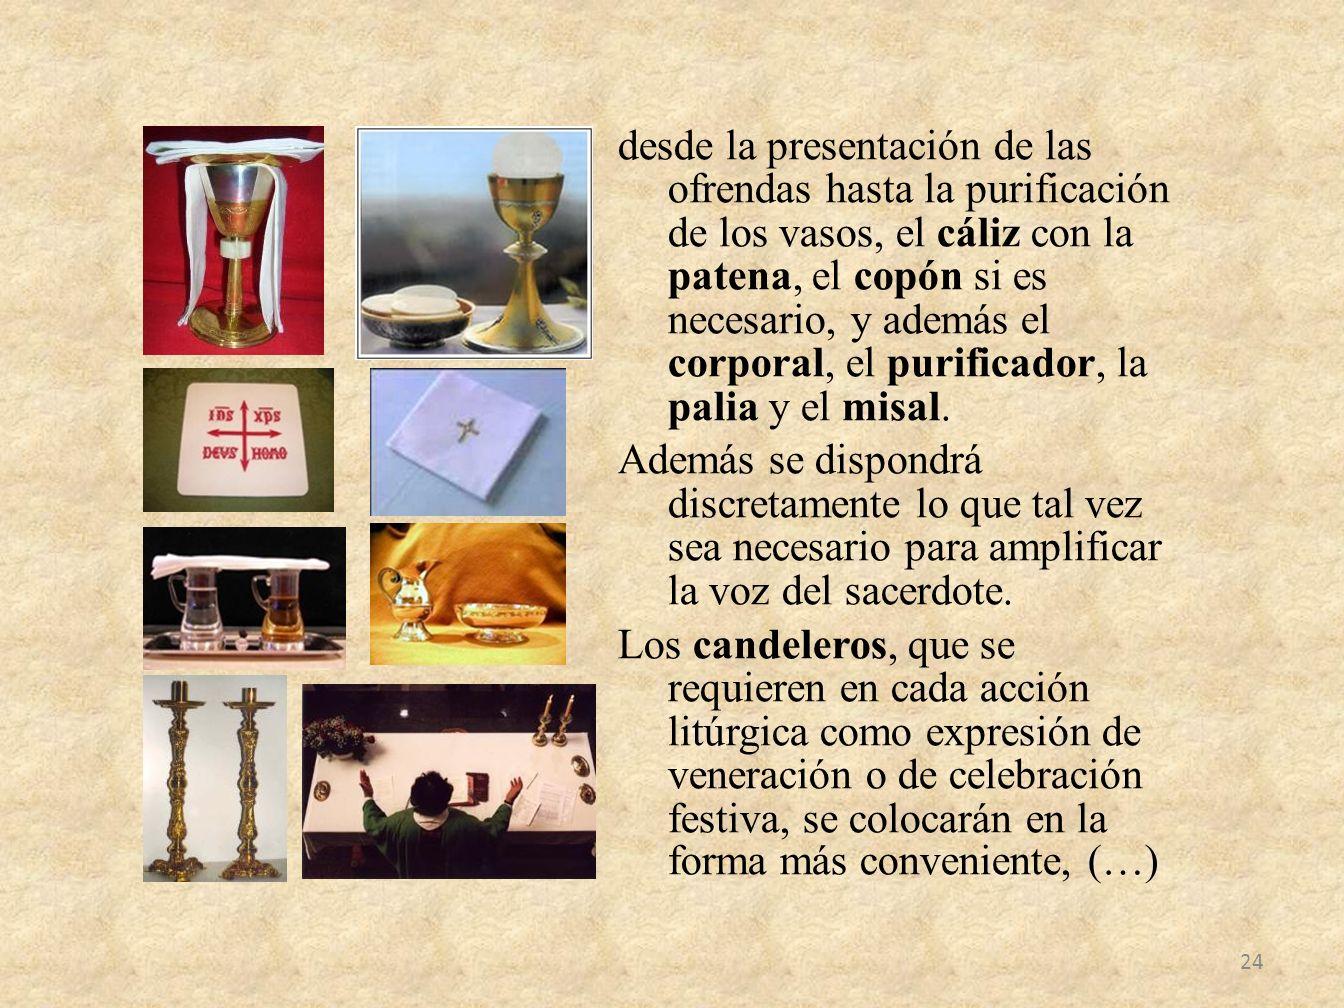 desde la presentación de las ofrendas hasta la purificación de los vasos, el cáliz con la patena, el copón si es necesario, y además el corporal, el p